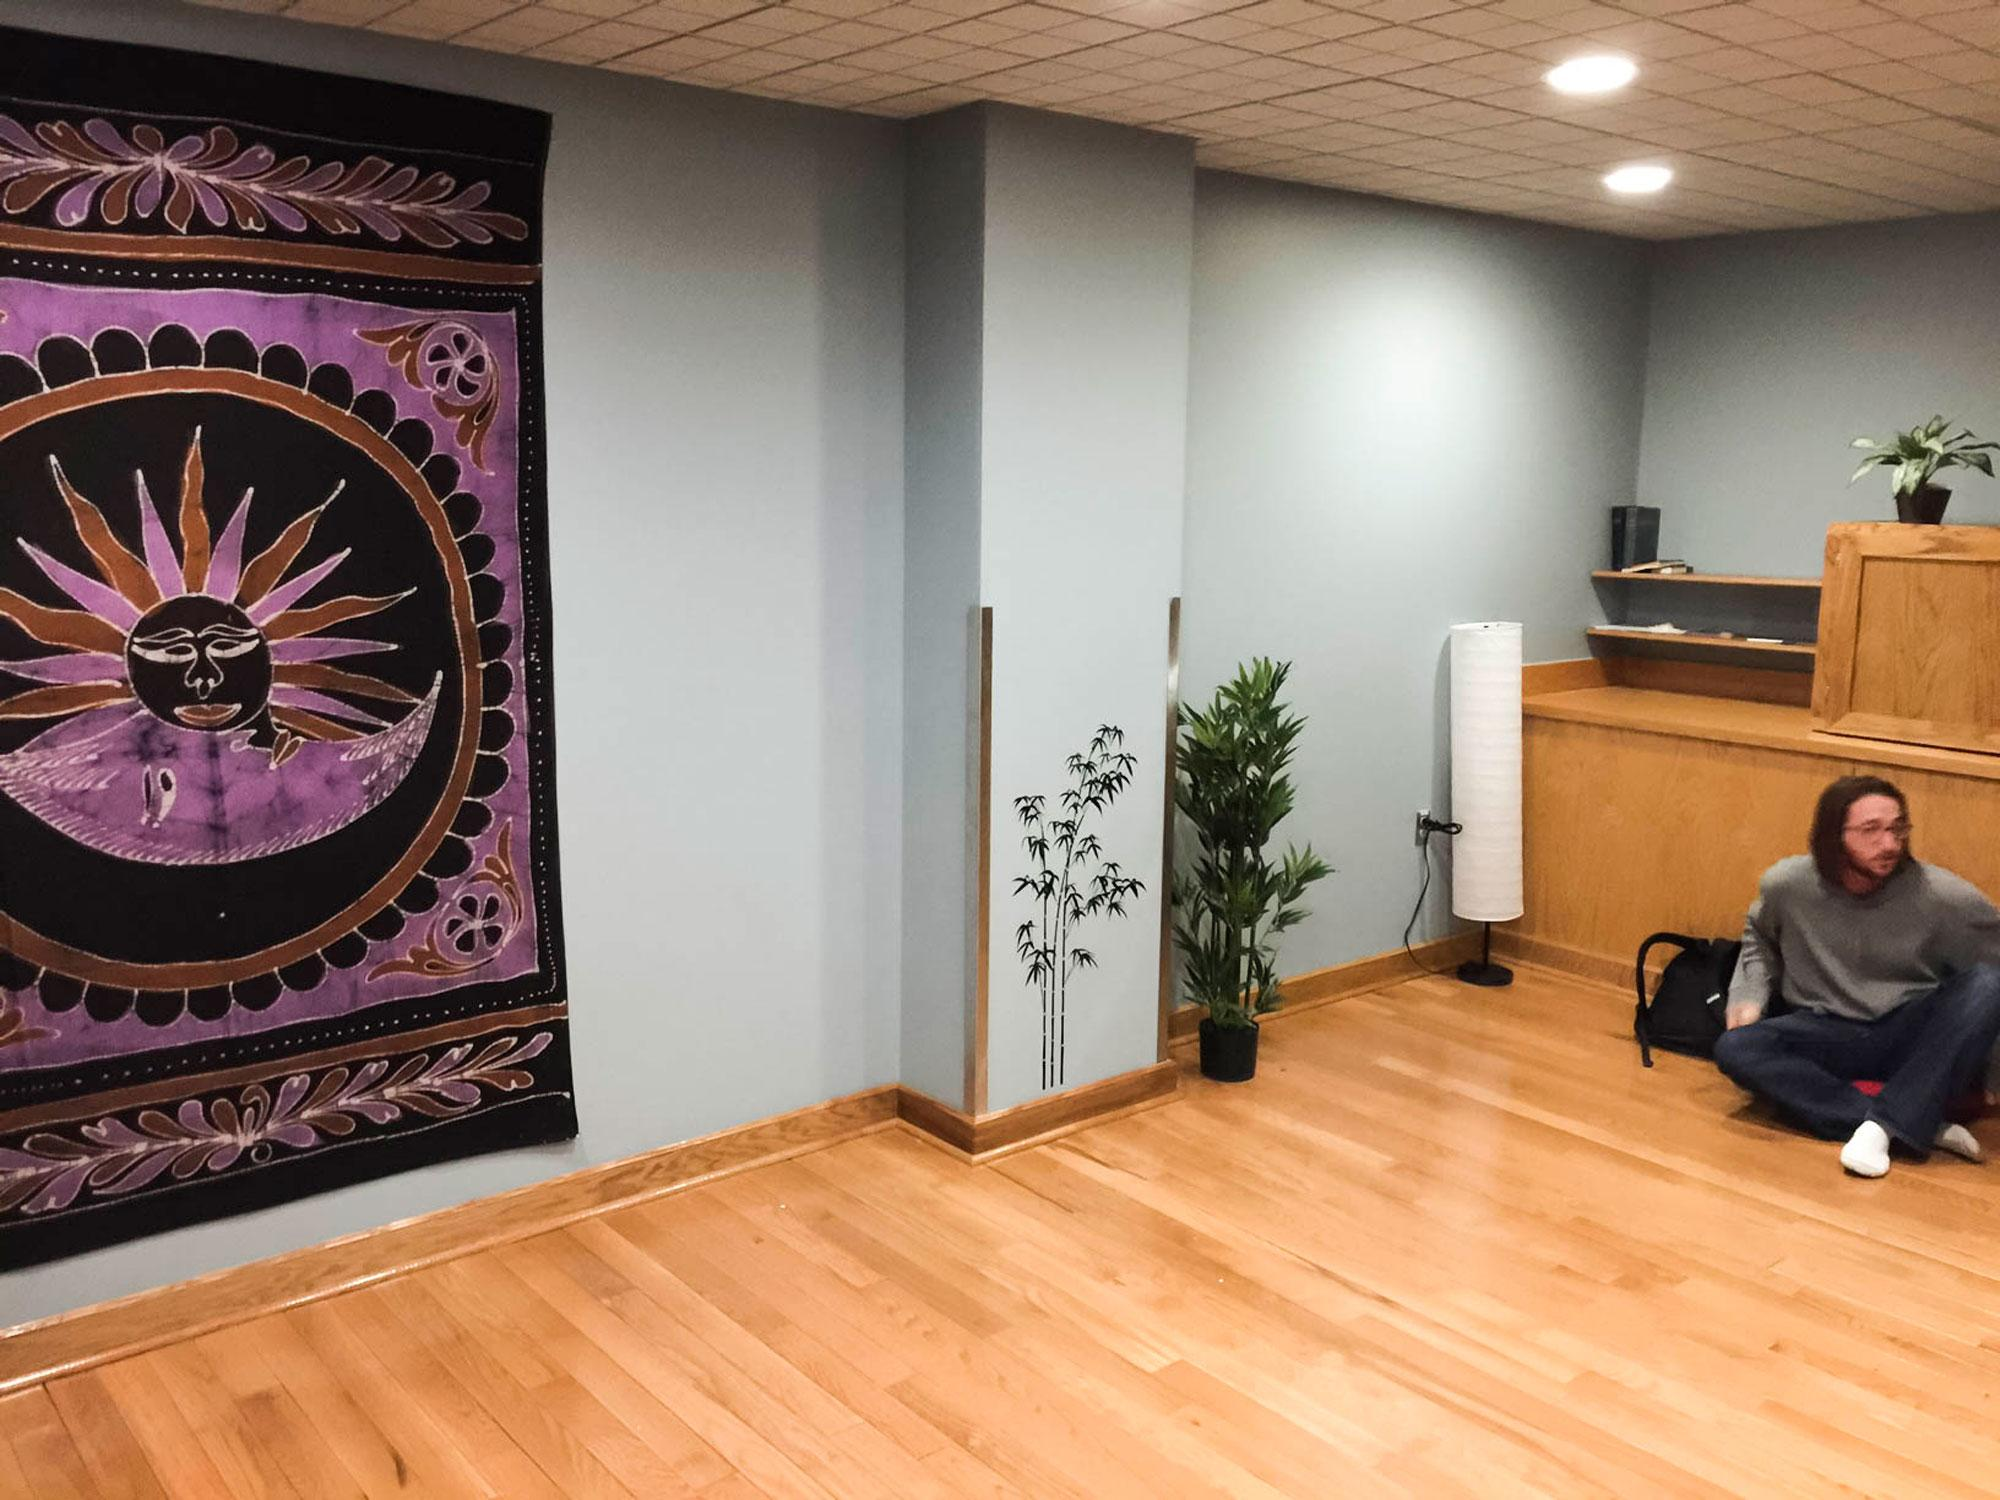 Meditation room gets remodeled